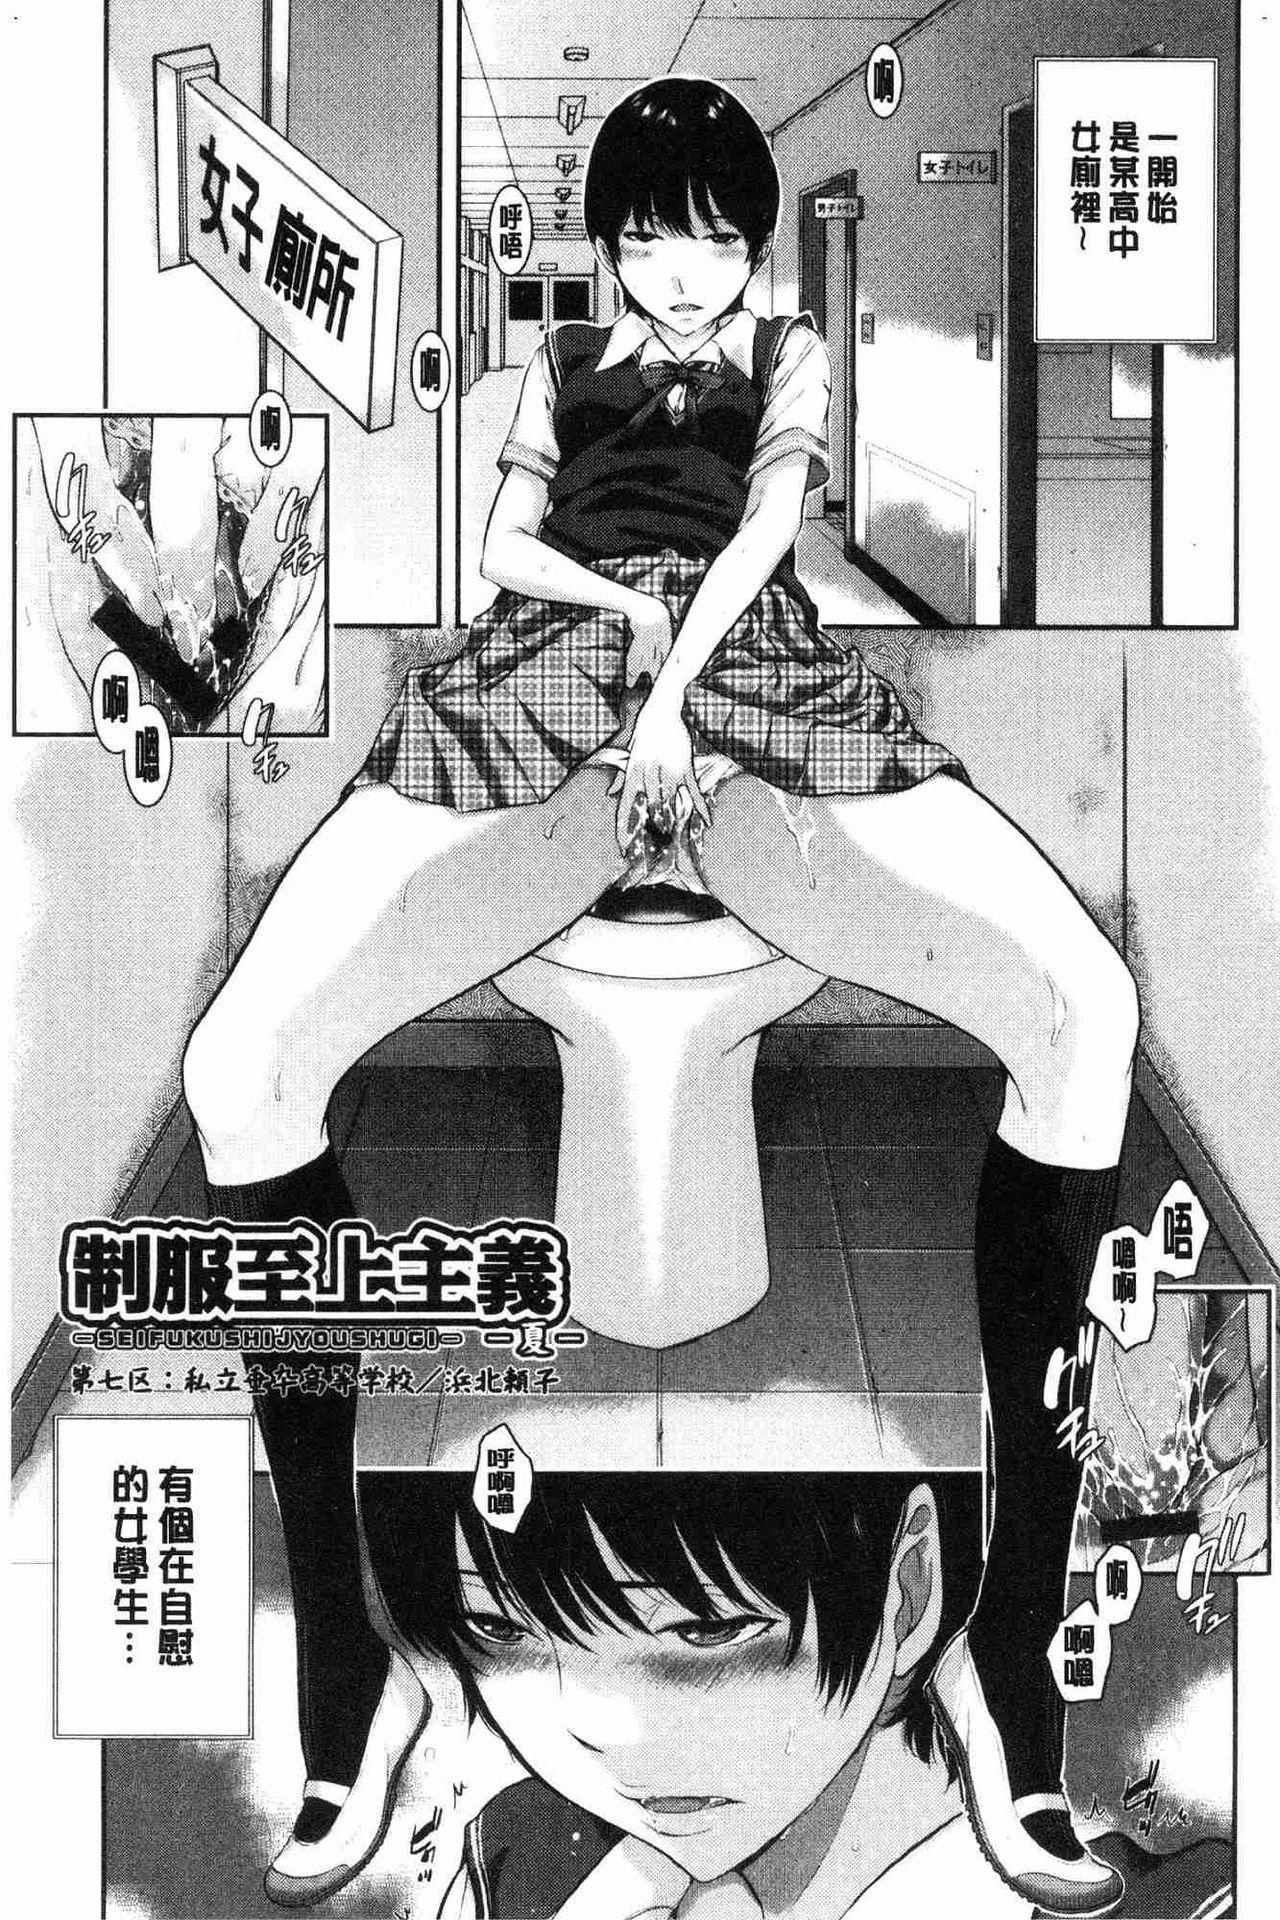 [Harazaki Takuma] Seifuku Shijou Shugi -Natsu- - Uniforms supremacy [Chinese] 155